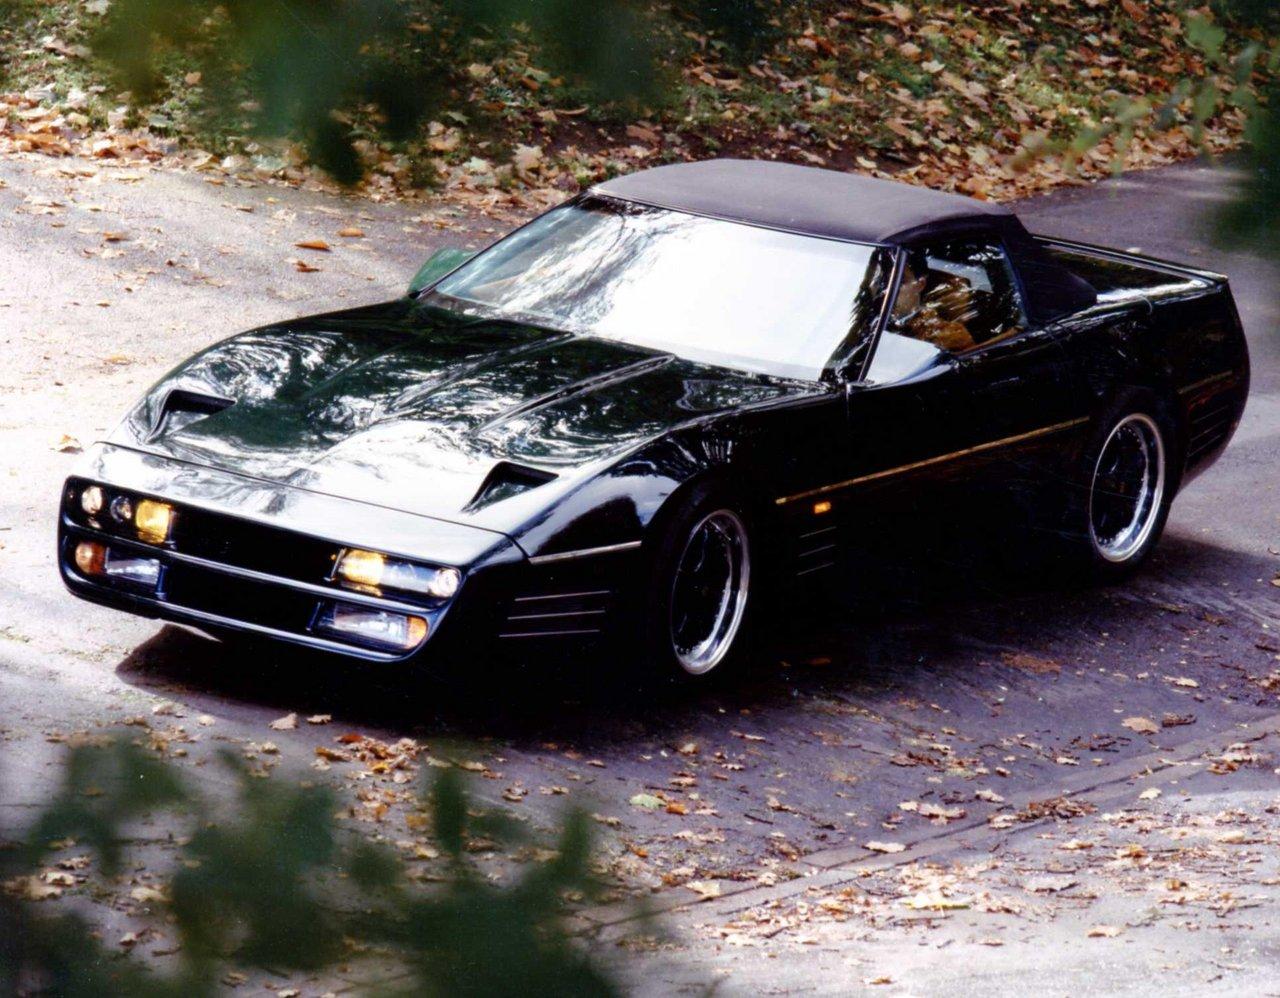 [Imagen: Rjd-tempest-based-on-corvette-zr-1.jpg]